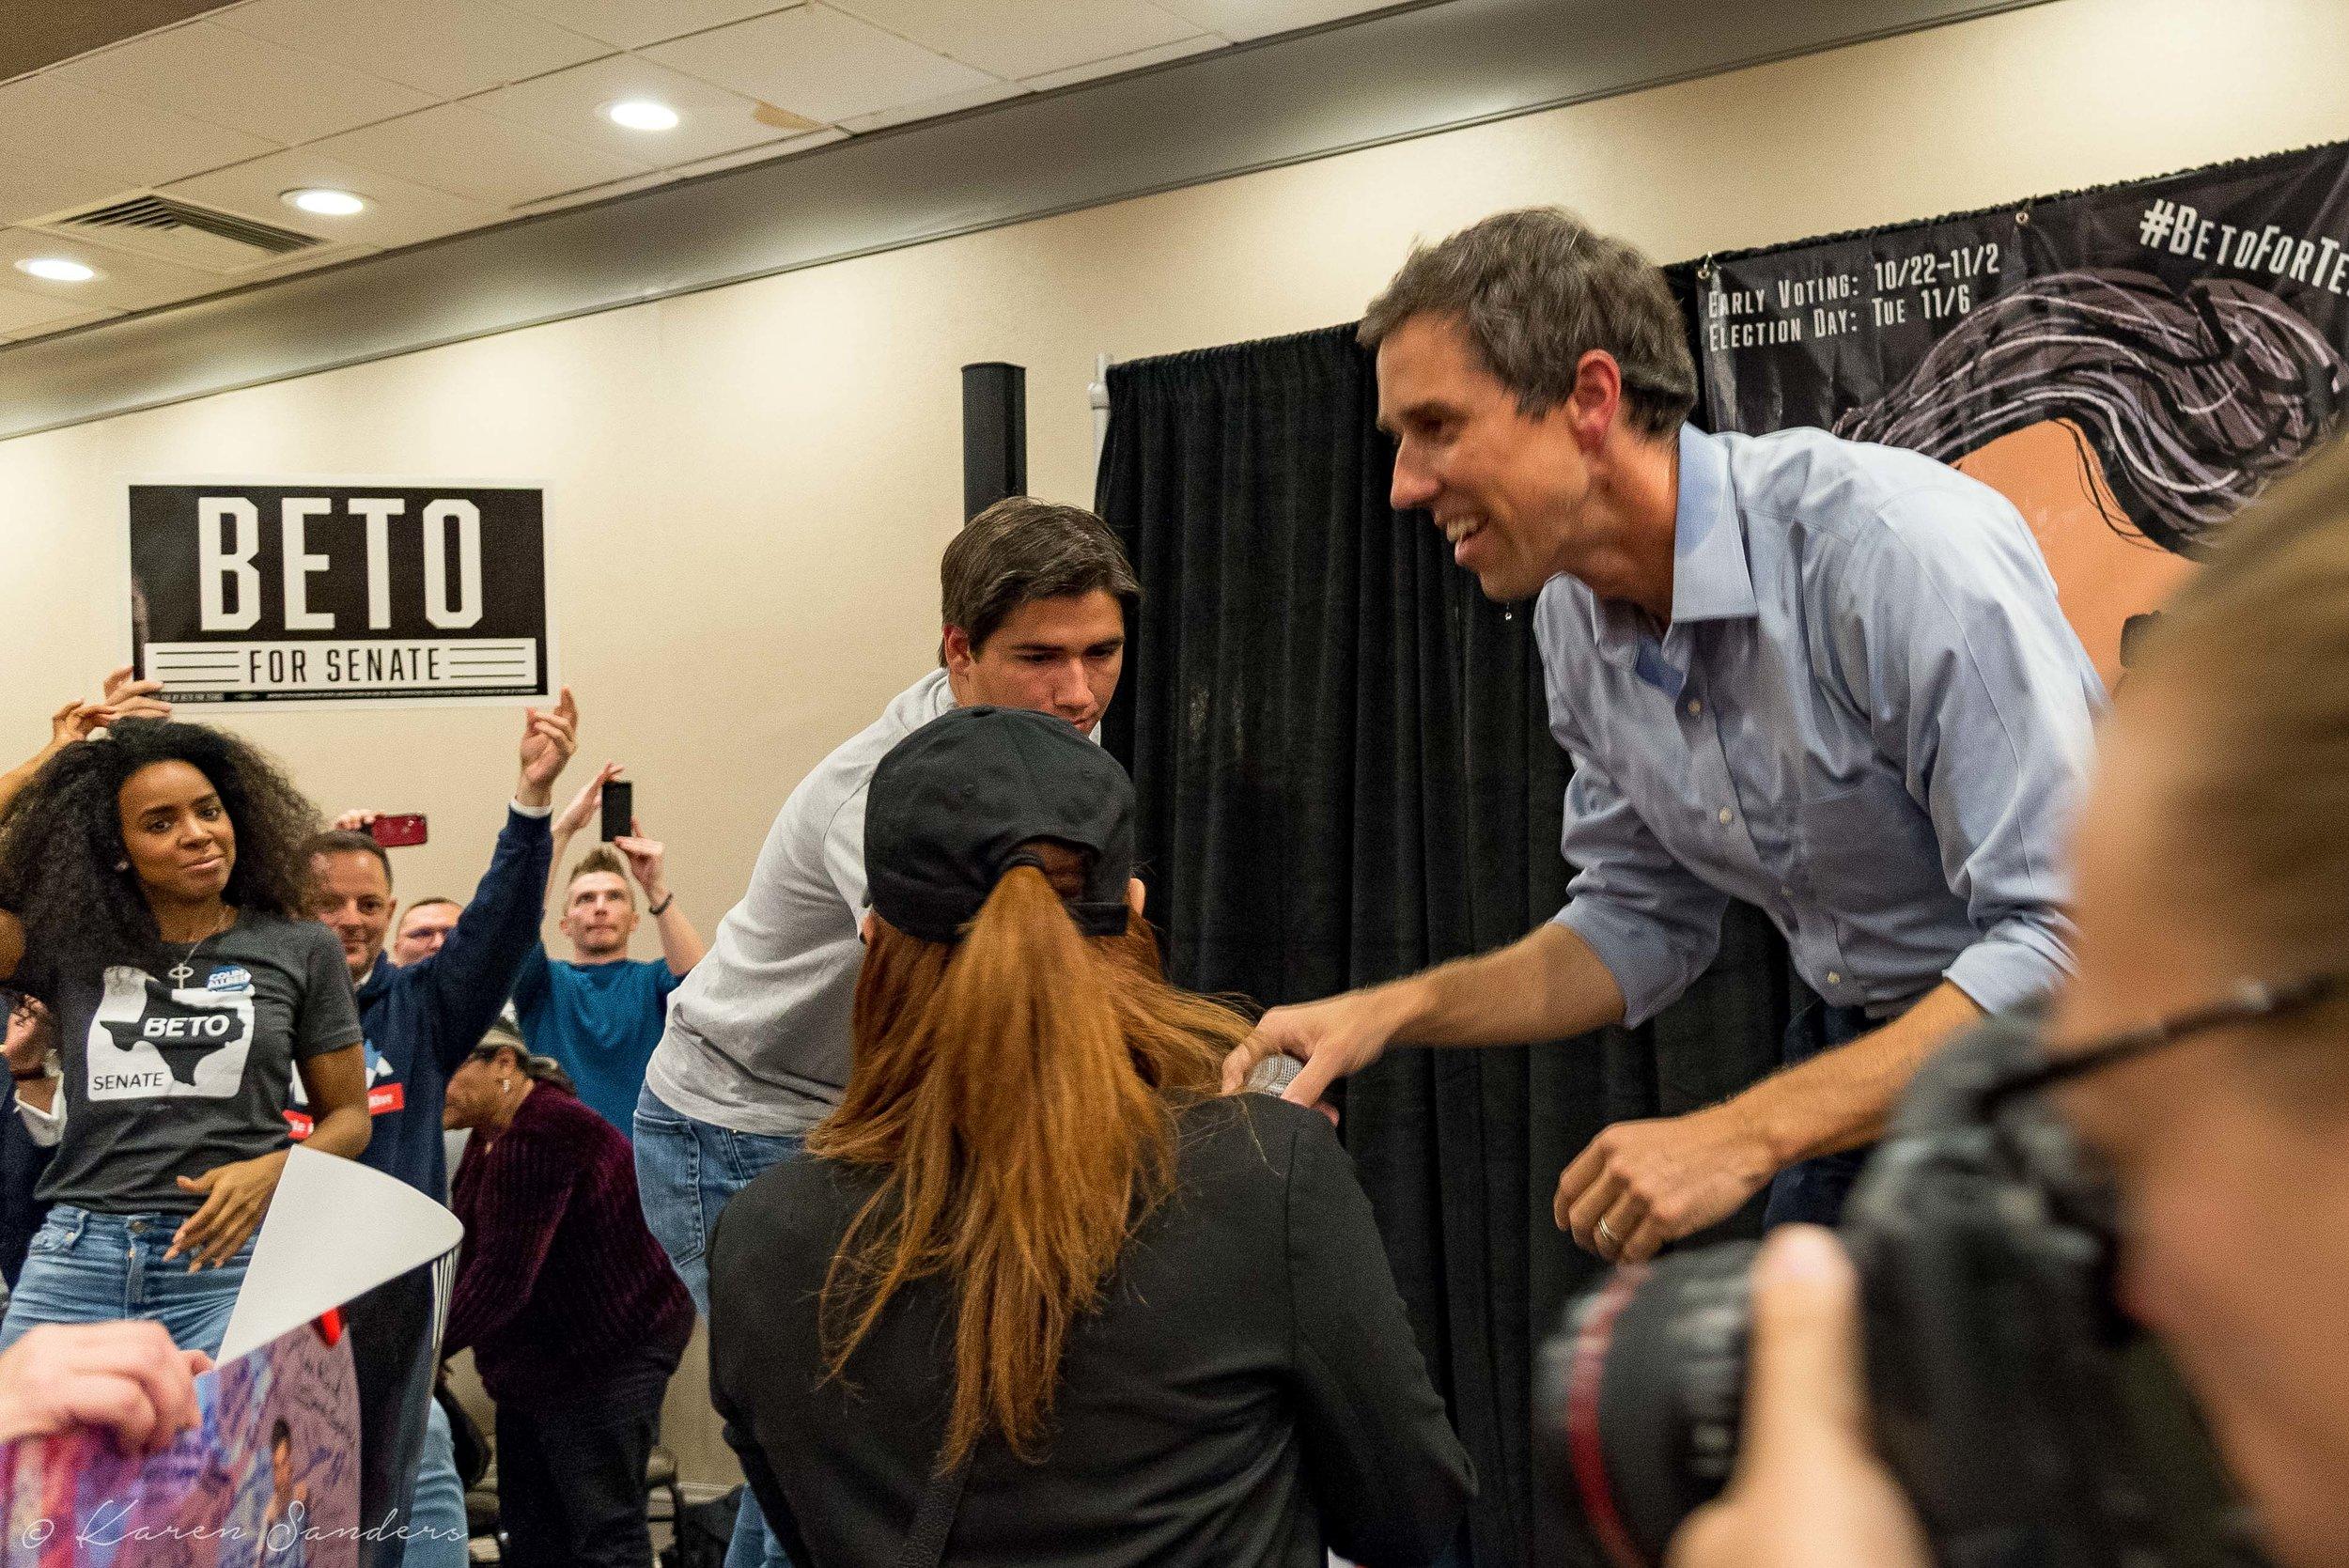 Beto O'Roark For Texas Political Rally